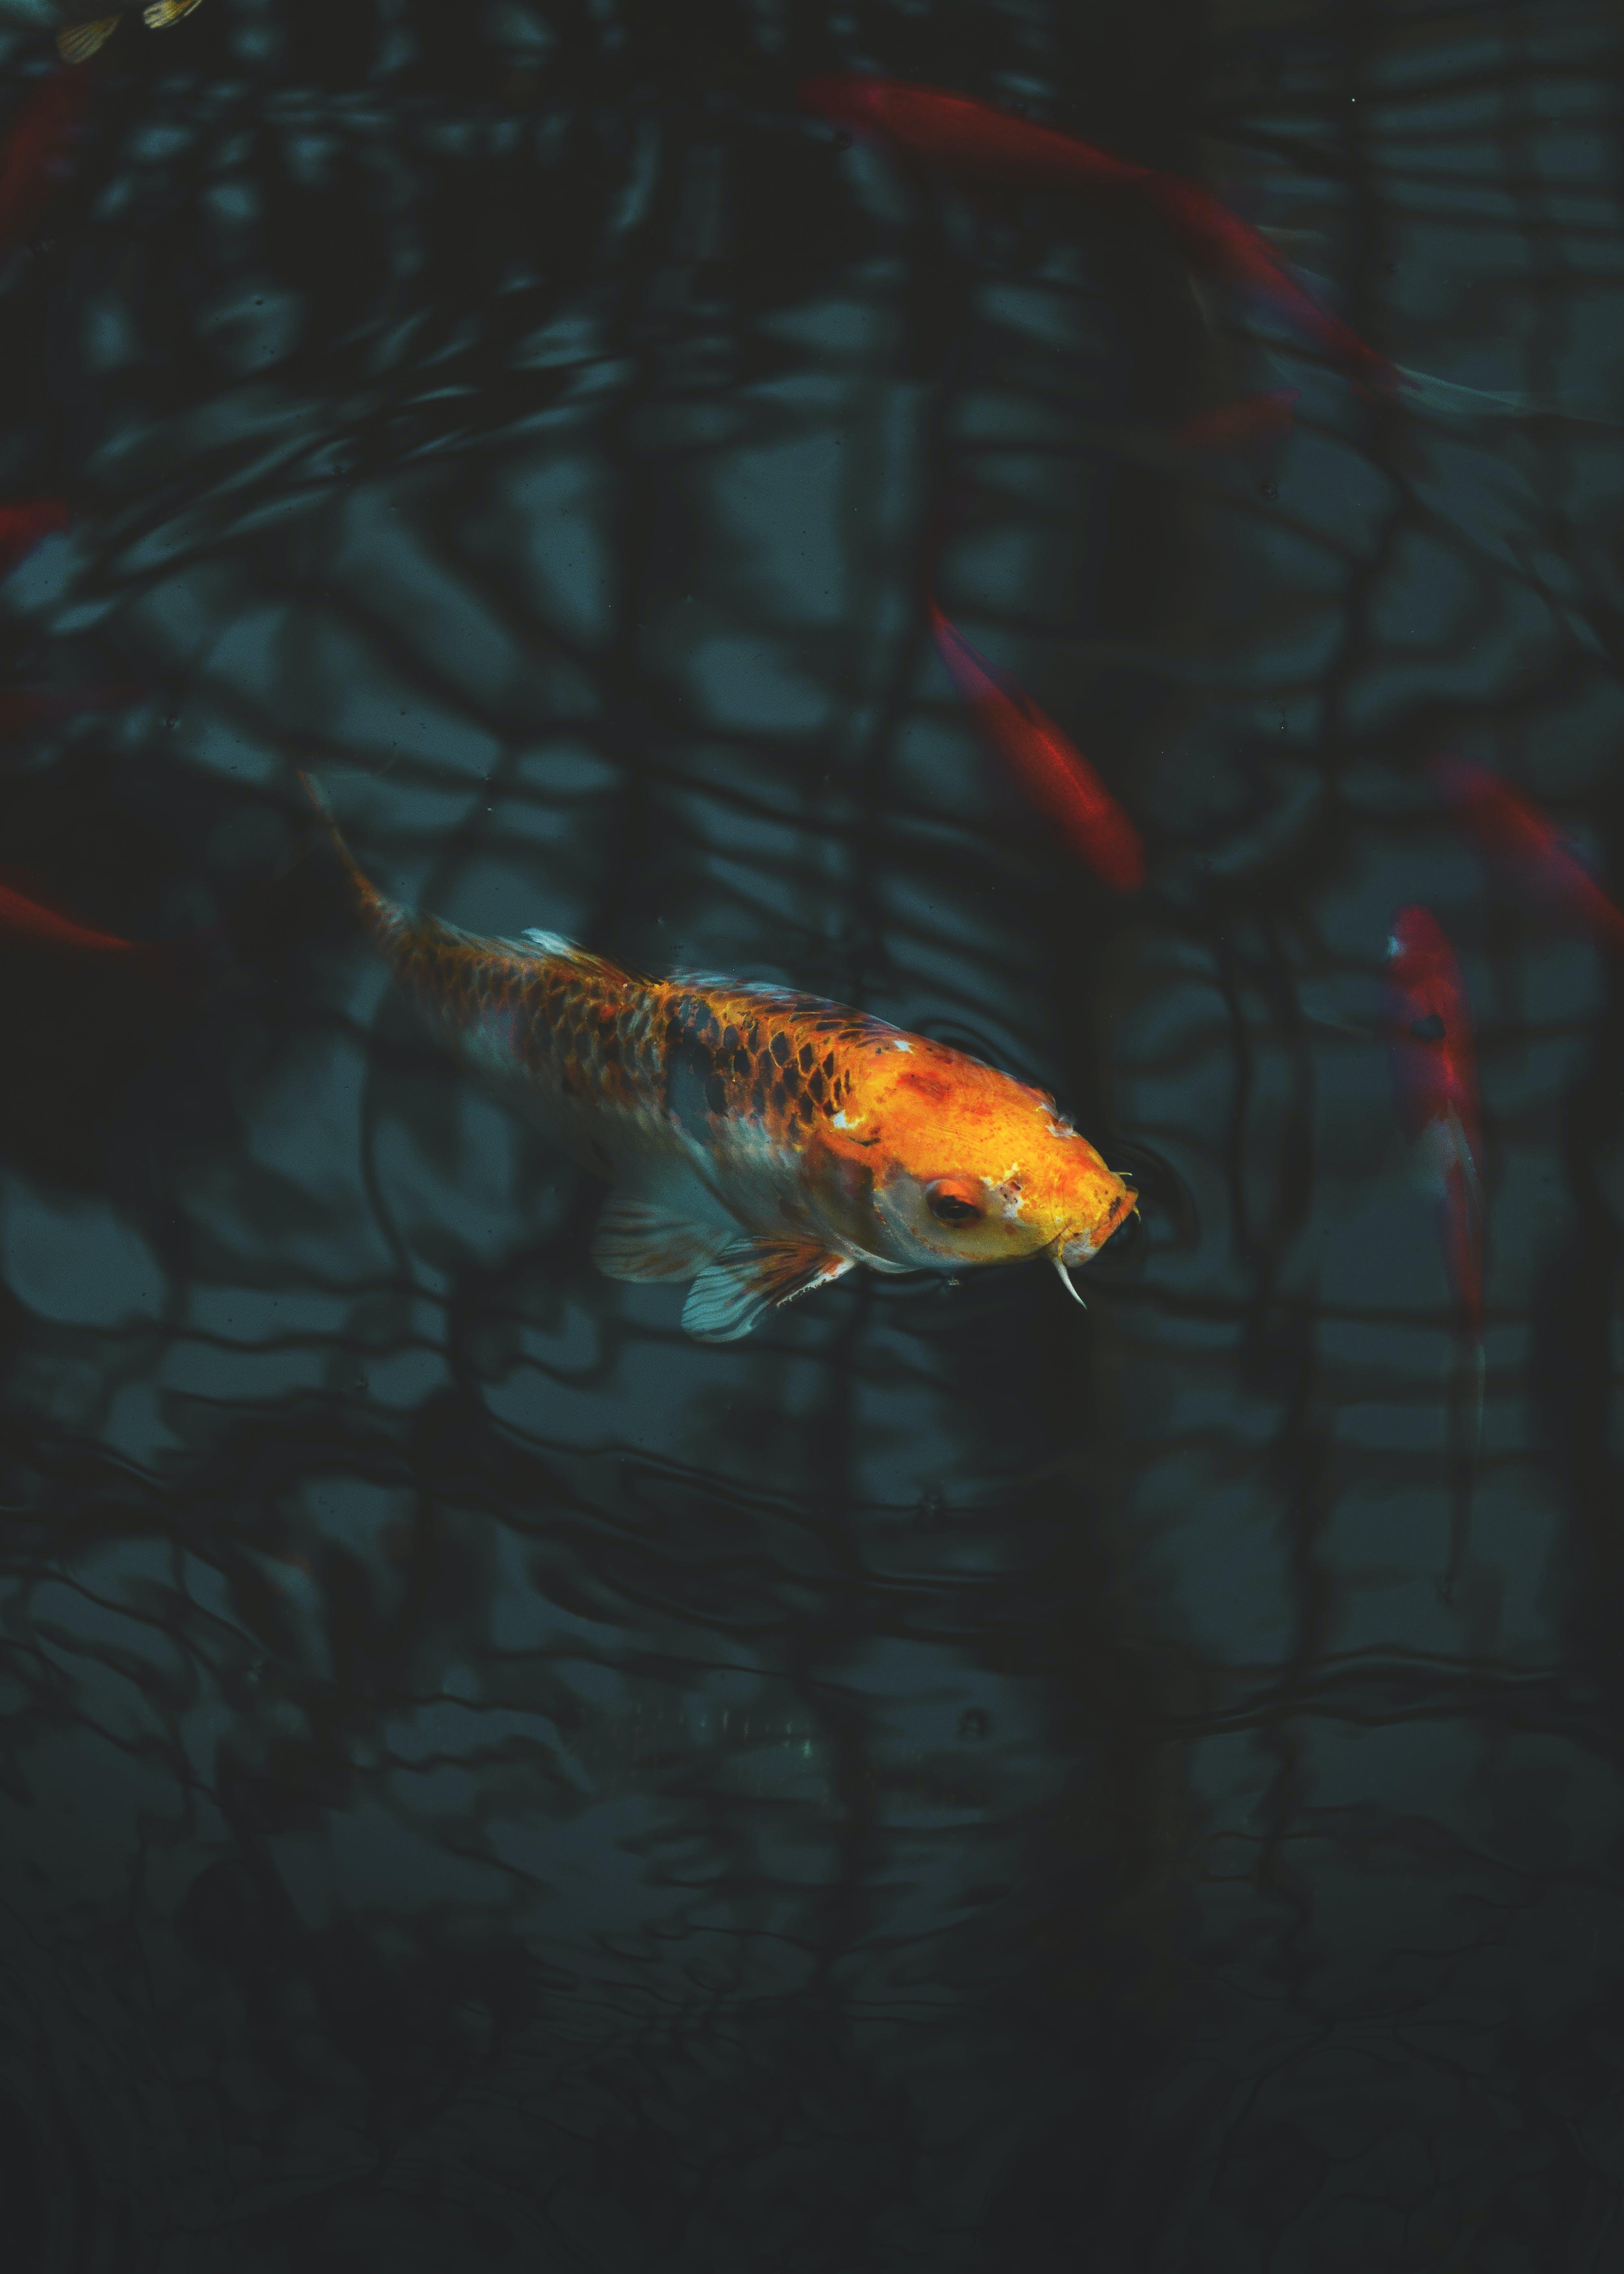 Close-up of Koi Fish